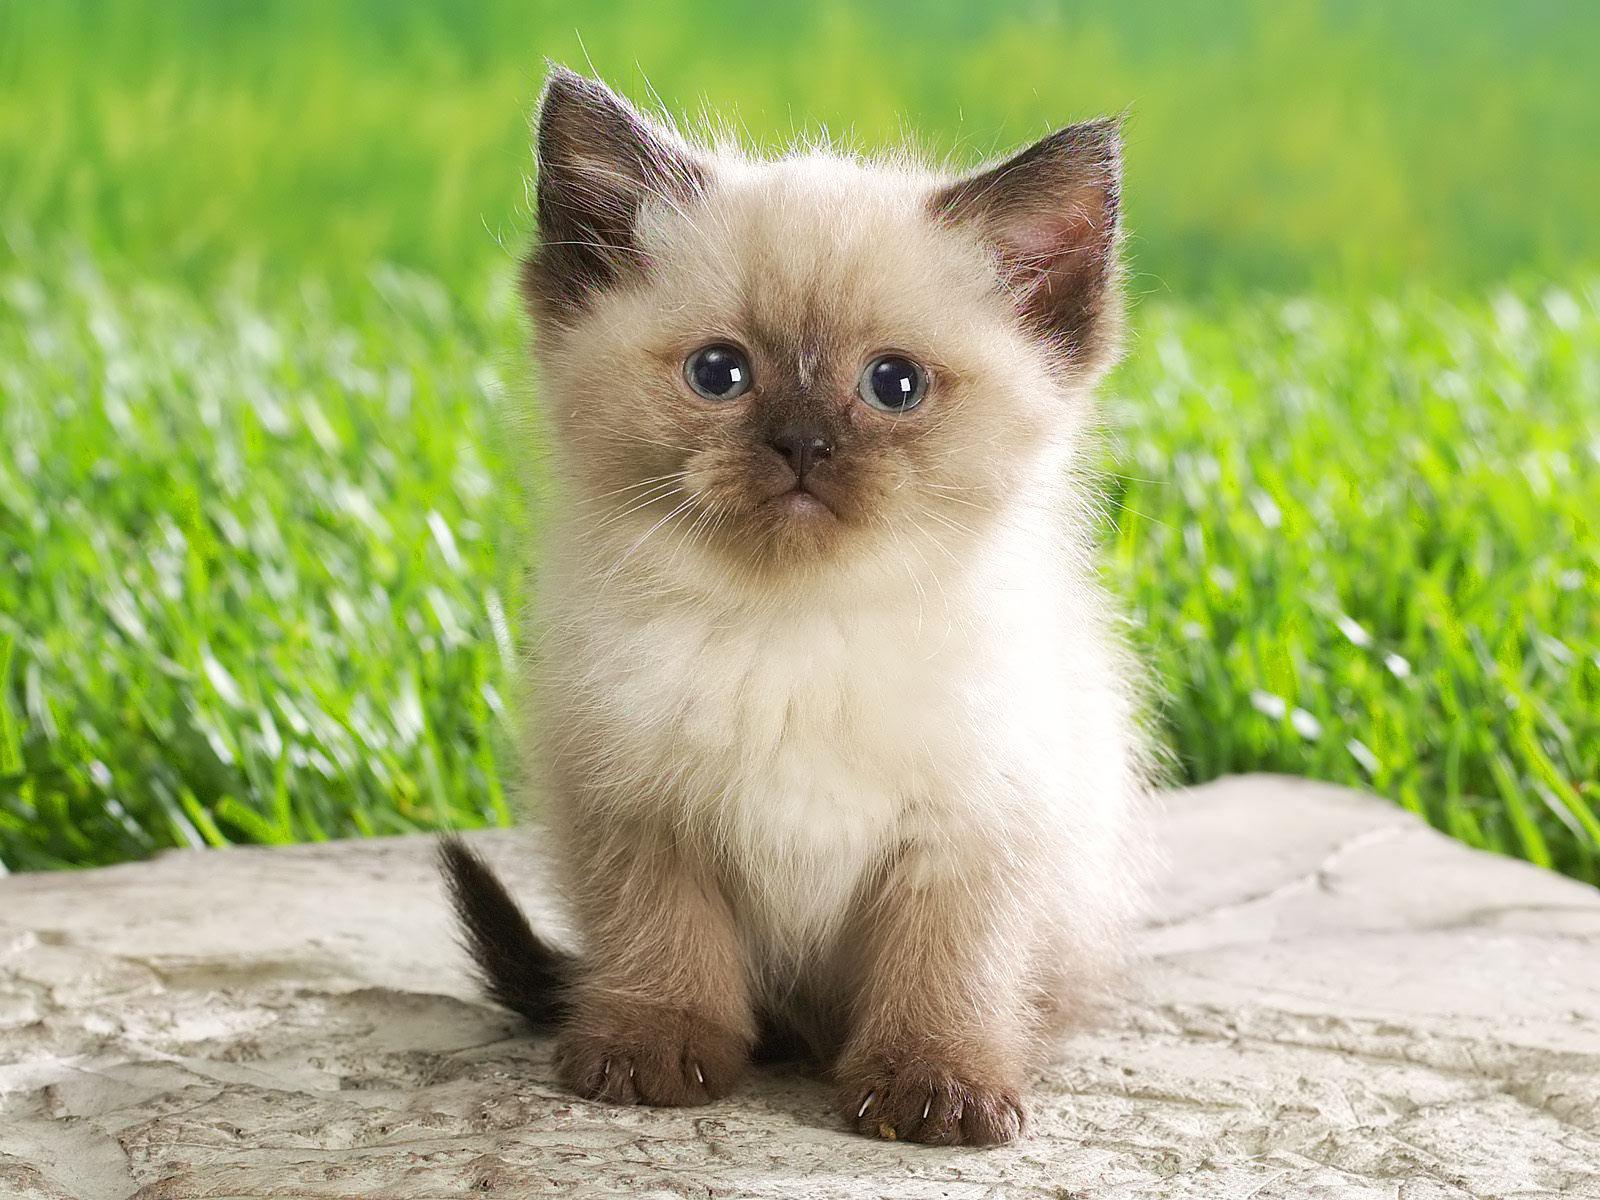 Cute Pets Wallpaper